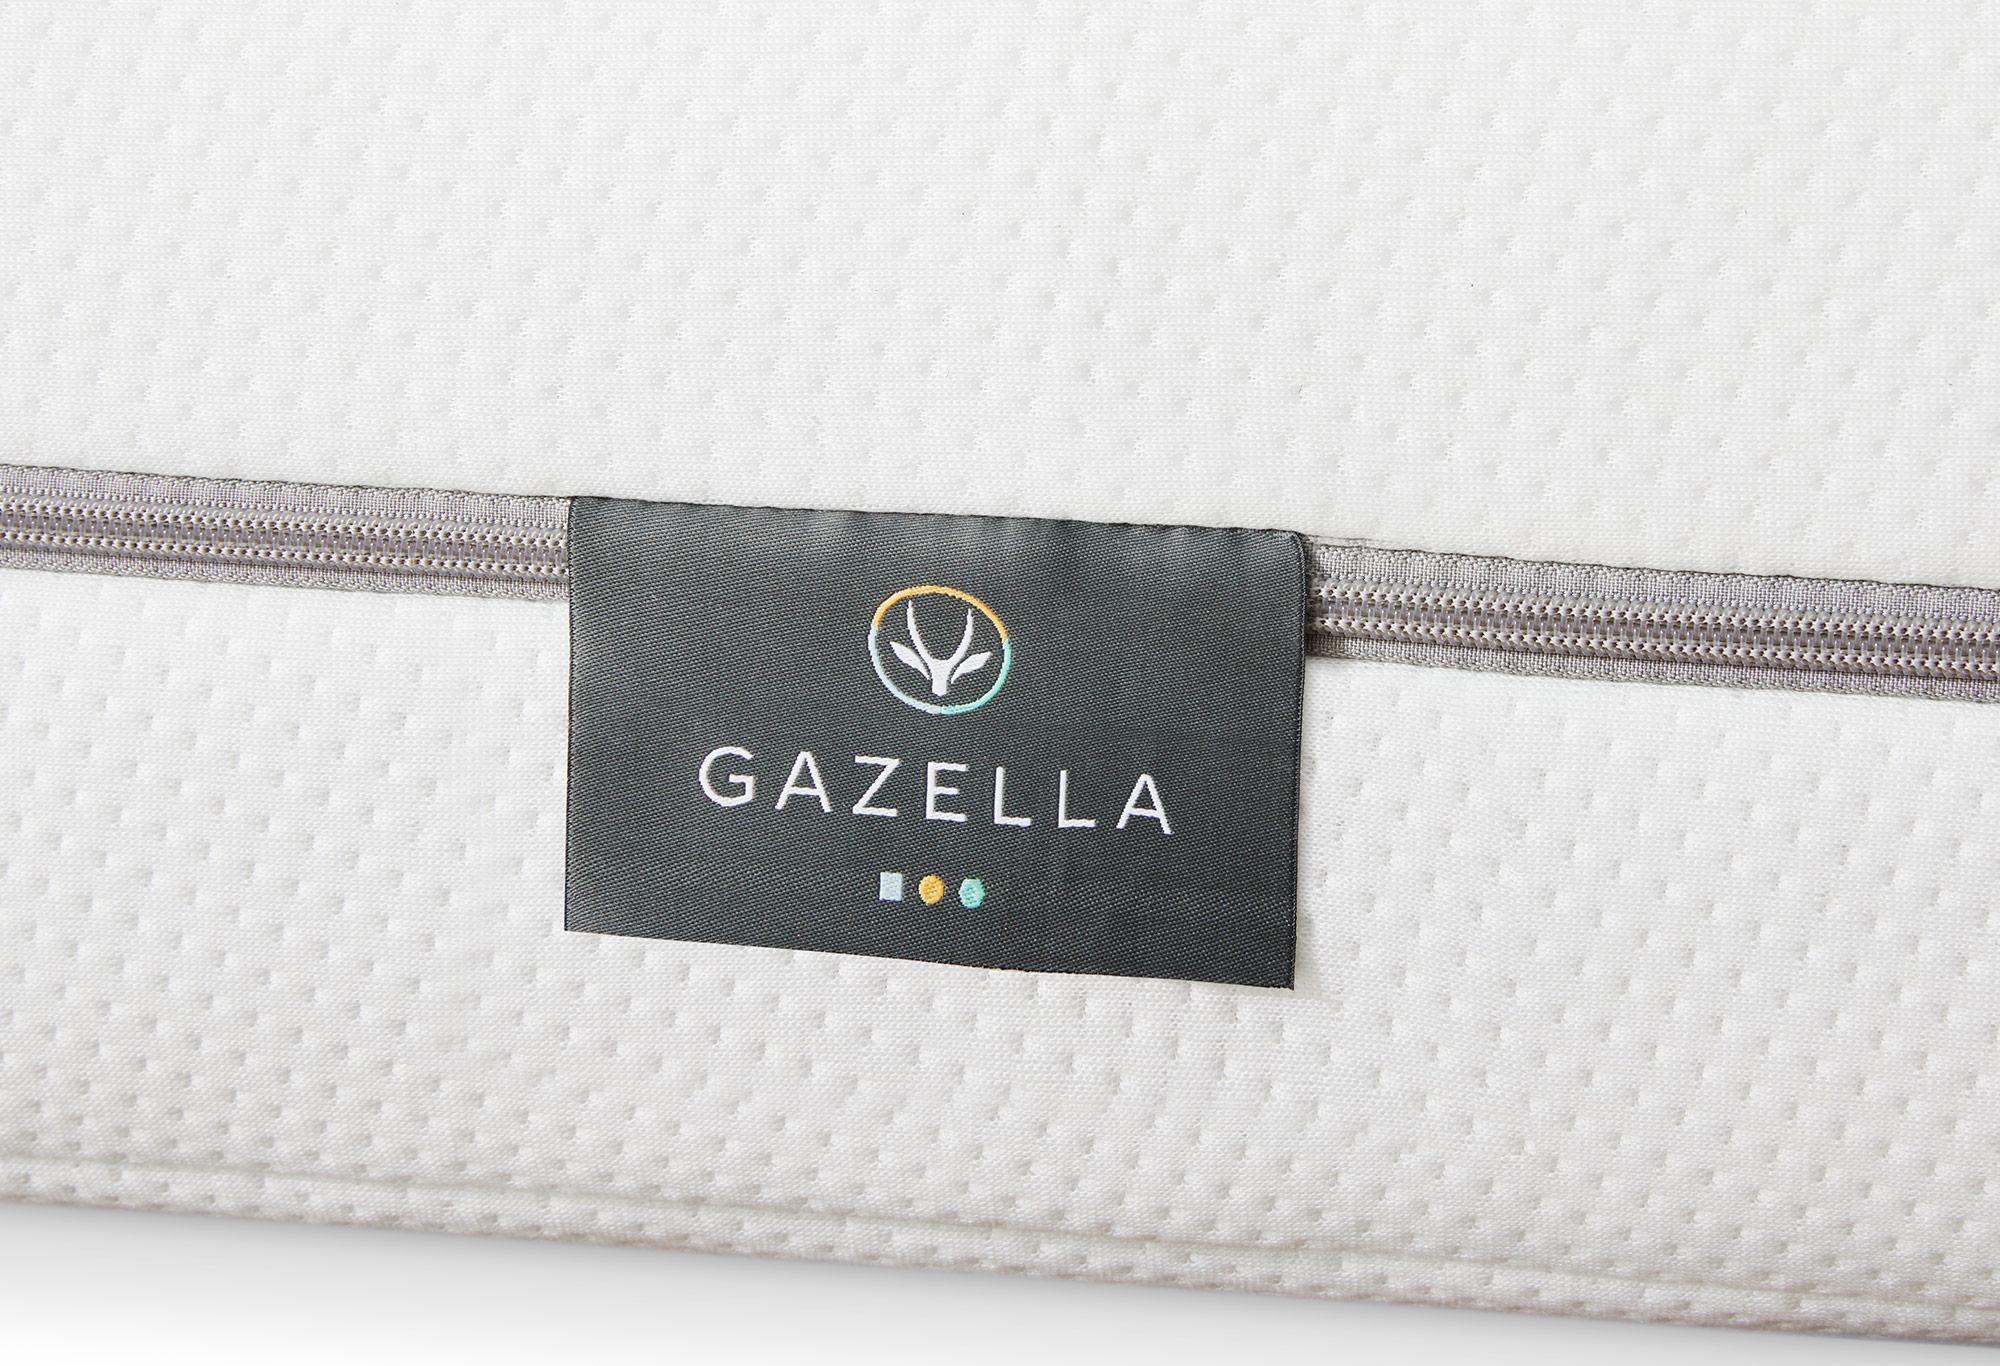 Gazella Breeze I Tonnentaschen-Federkernmatratze   Swiss Sense